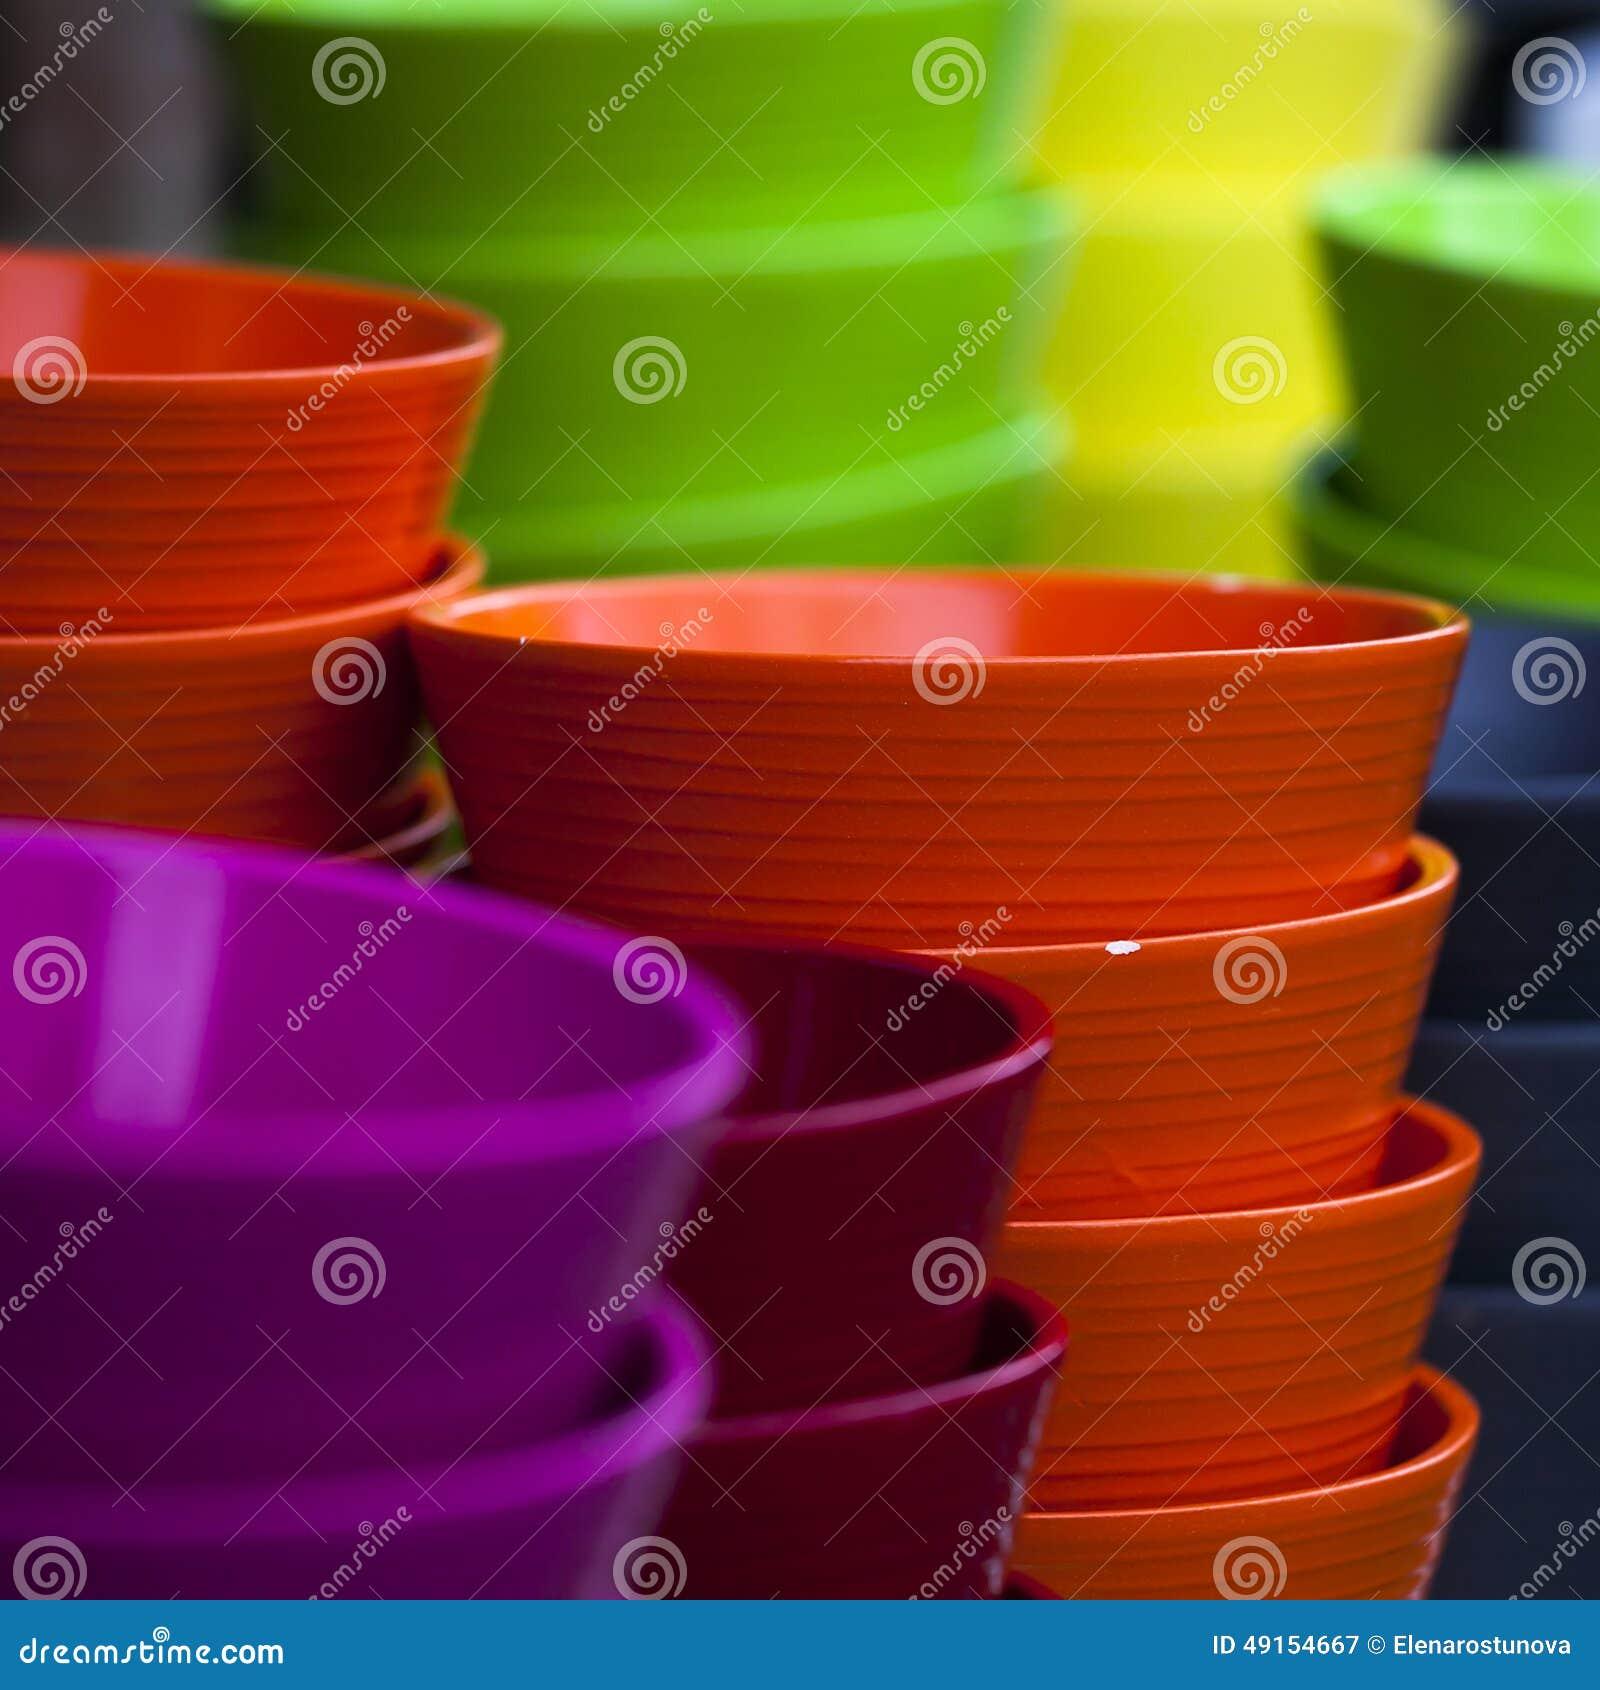 Colorful ceramic pots in glaze